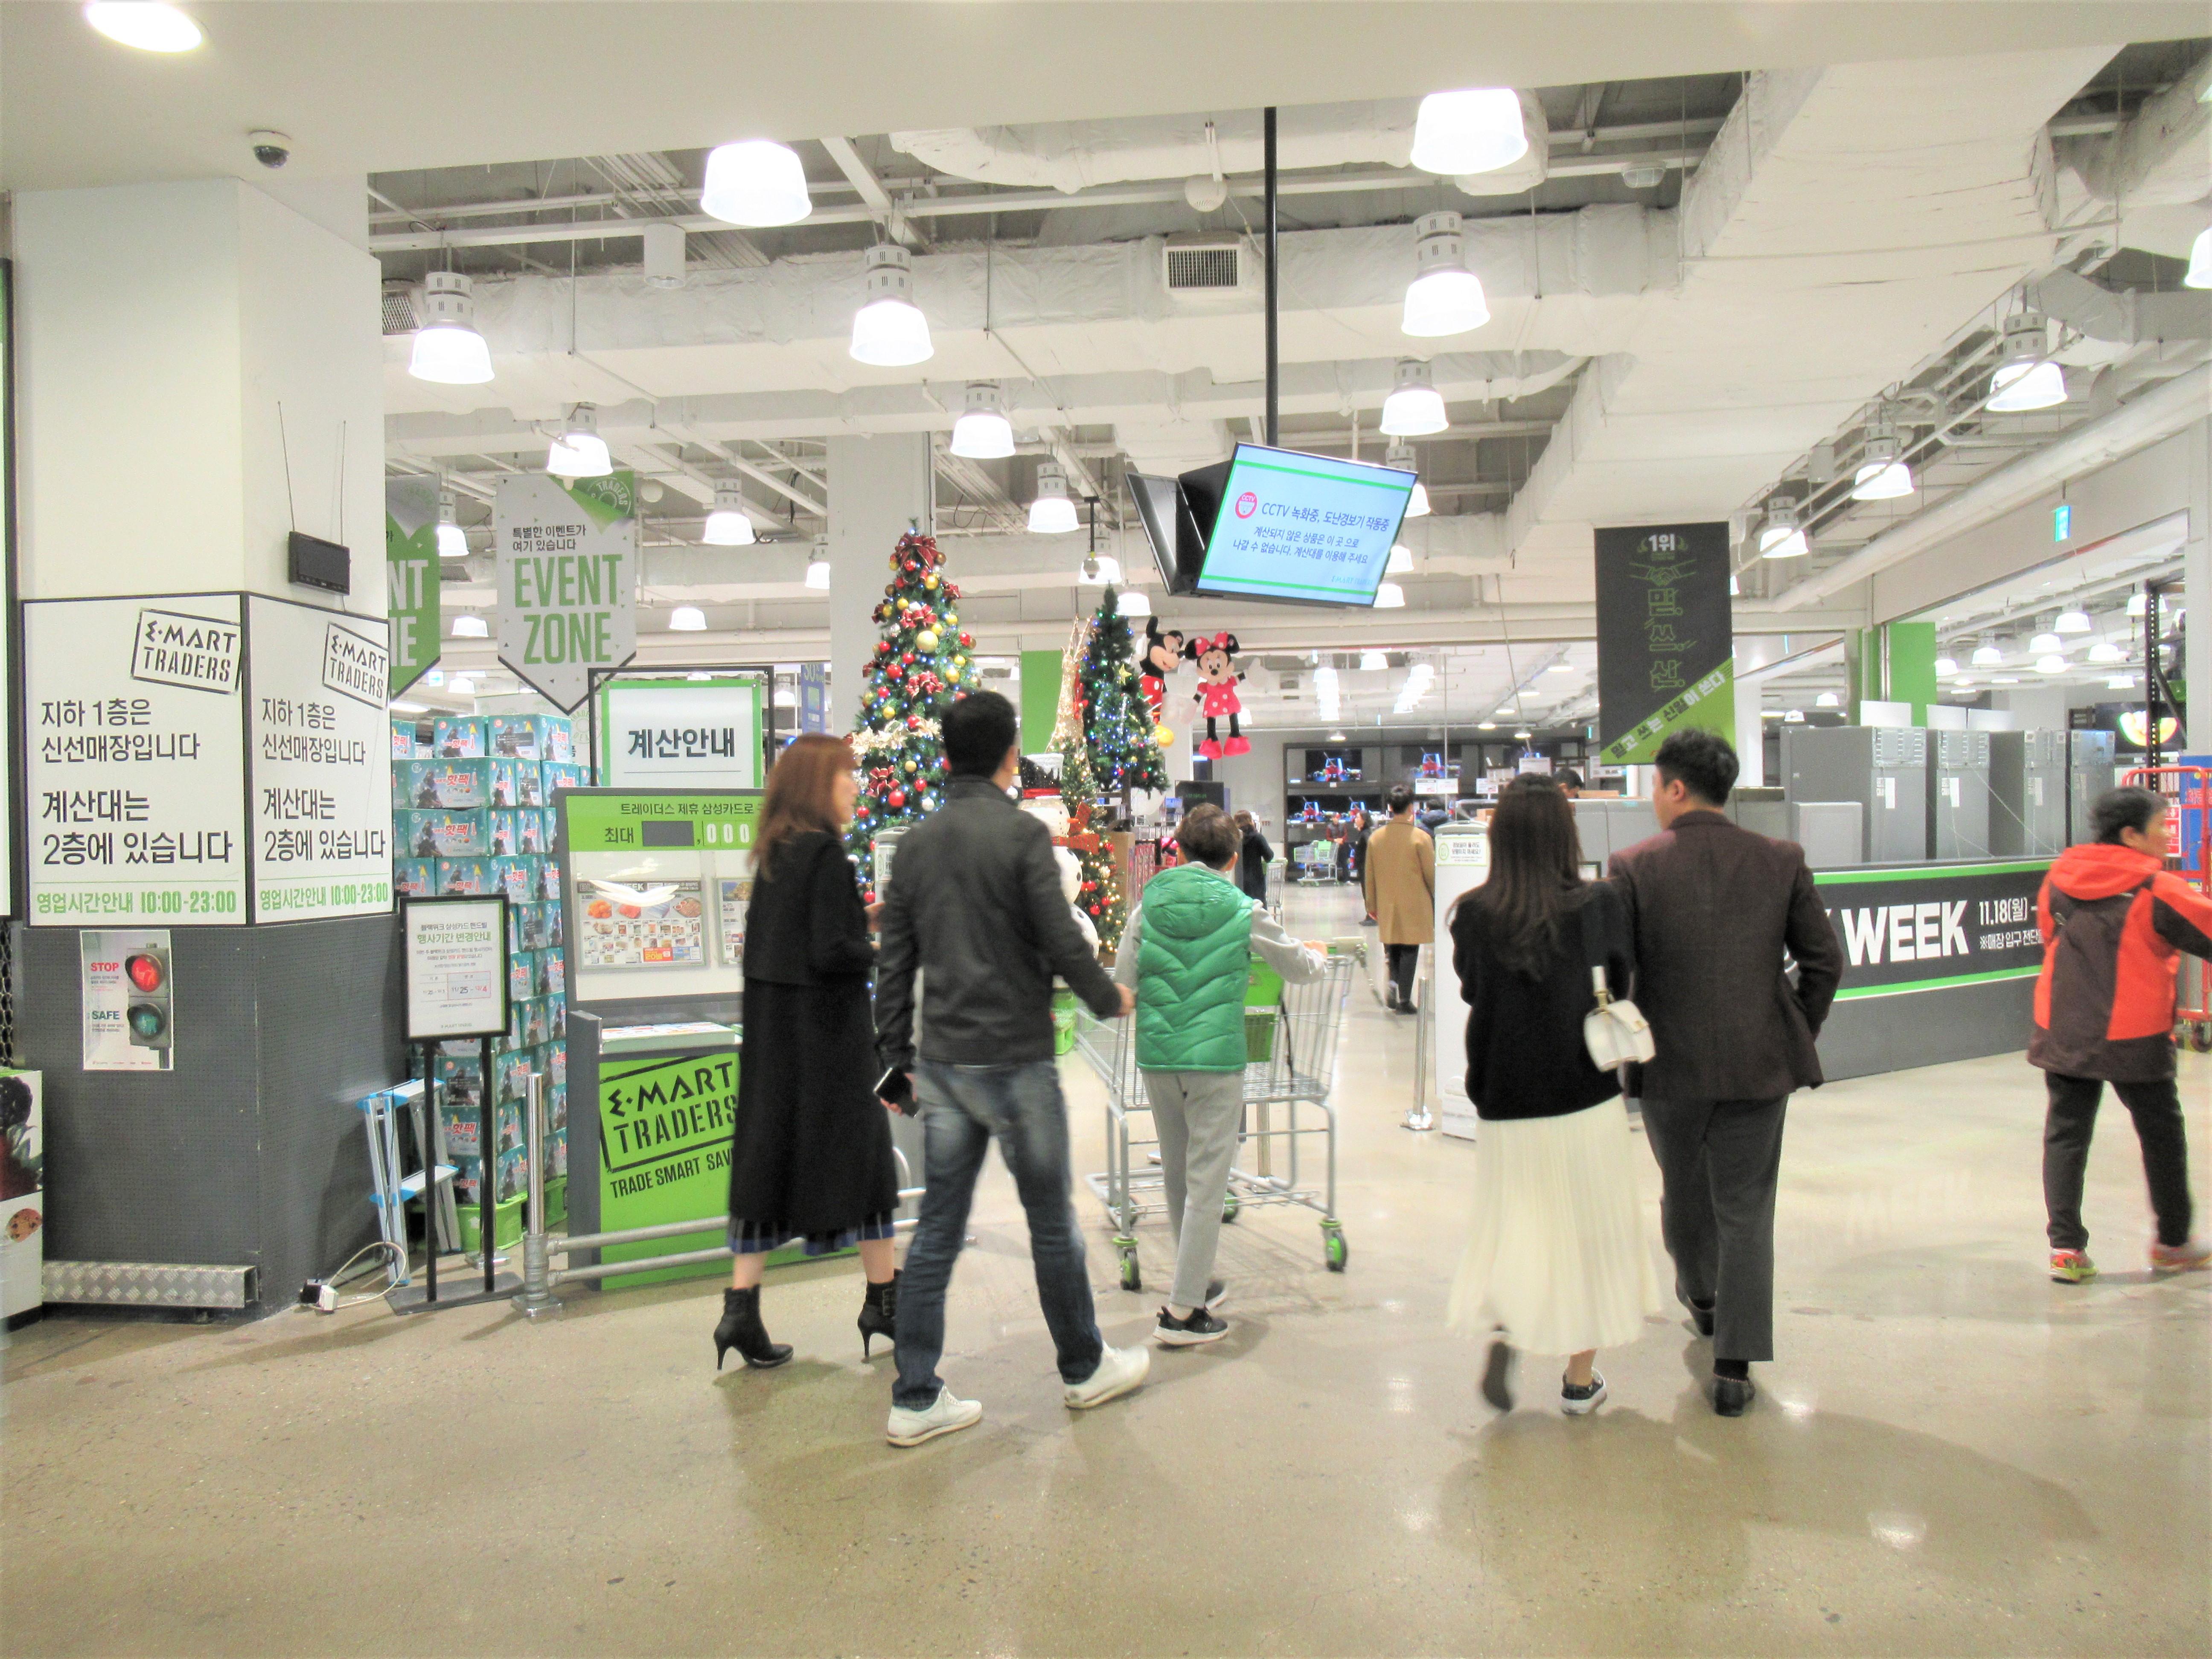 西面【Eマート・トレイダース】また行きたい!戦利品と店内レビュー☆韓国ブログ旅